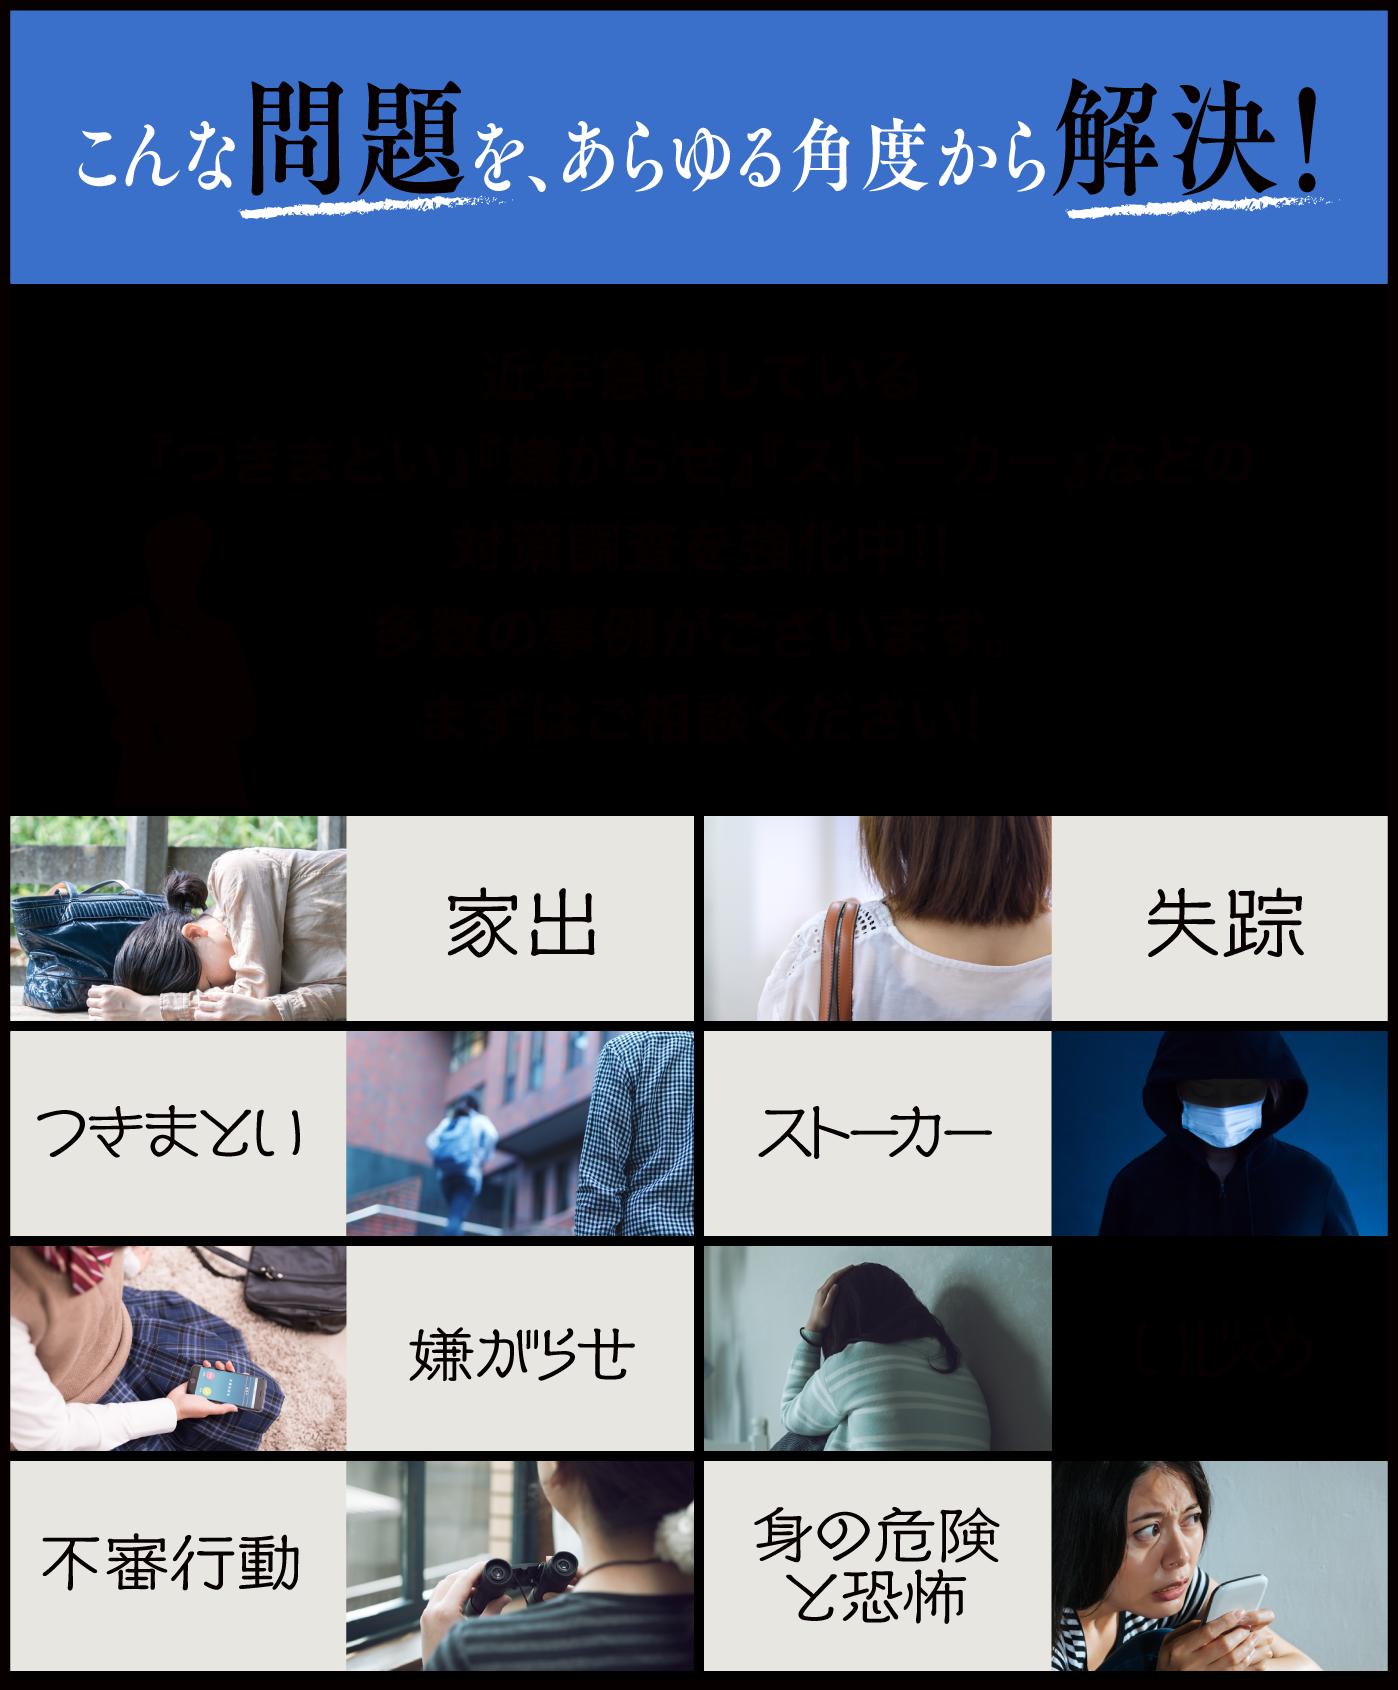 日本探偵社名古屋本部の問題解決